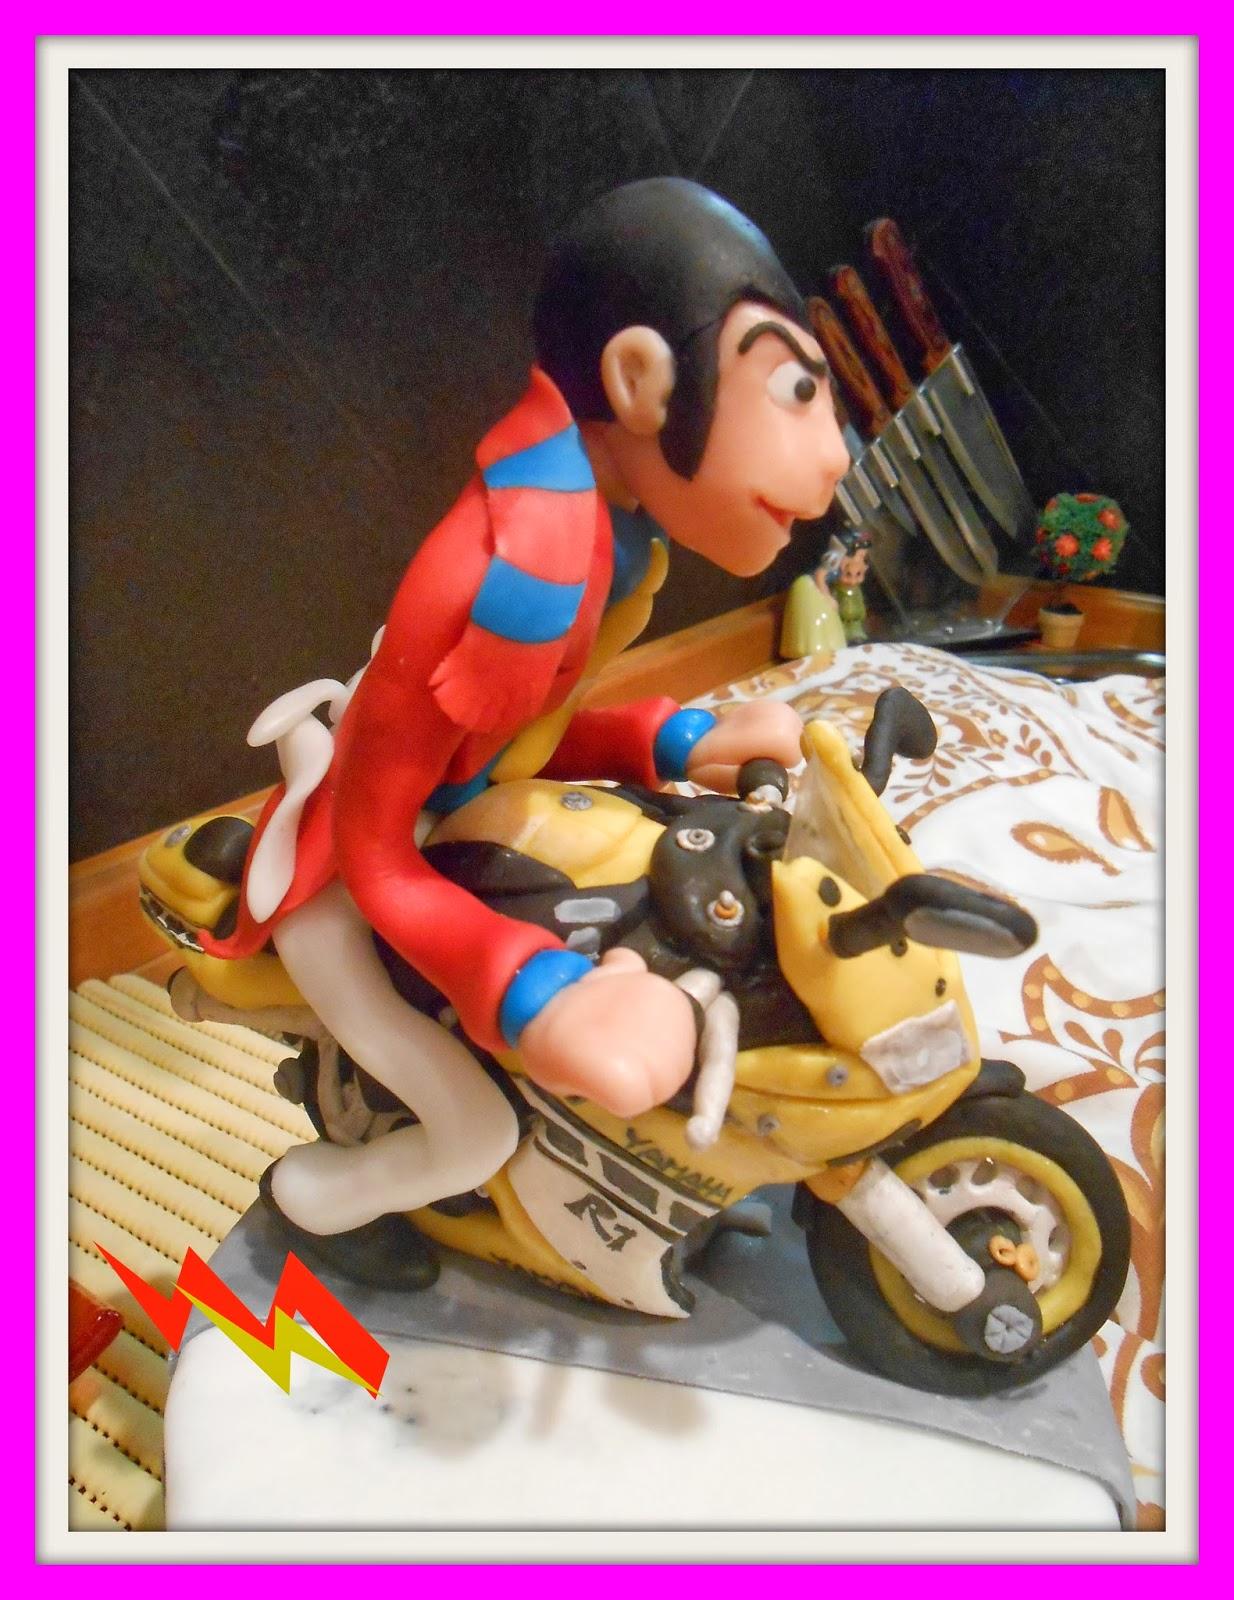 torta lupin su moto yamaha